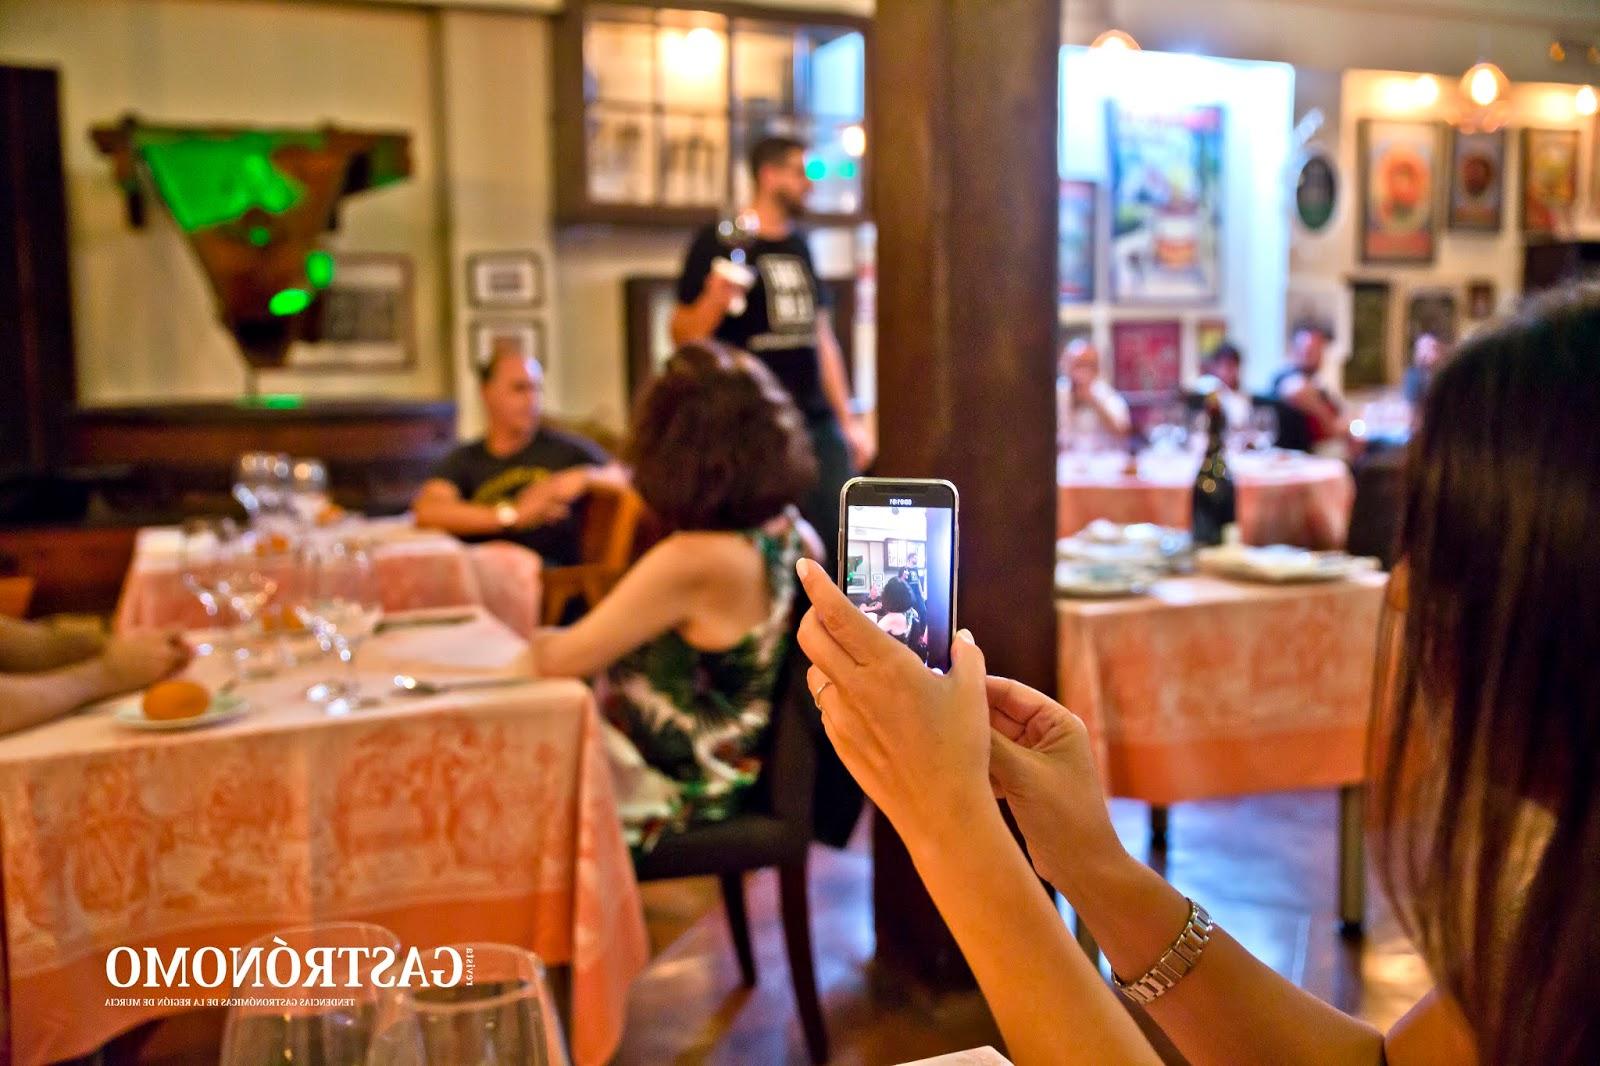 Restaurante La Cabaña Murcia Zwd9 Cena Maridaje Fin De Temporada Con Joan Belda En La Taúlla De Julio